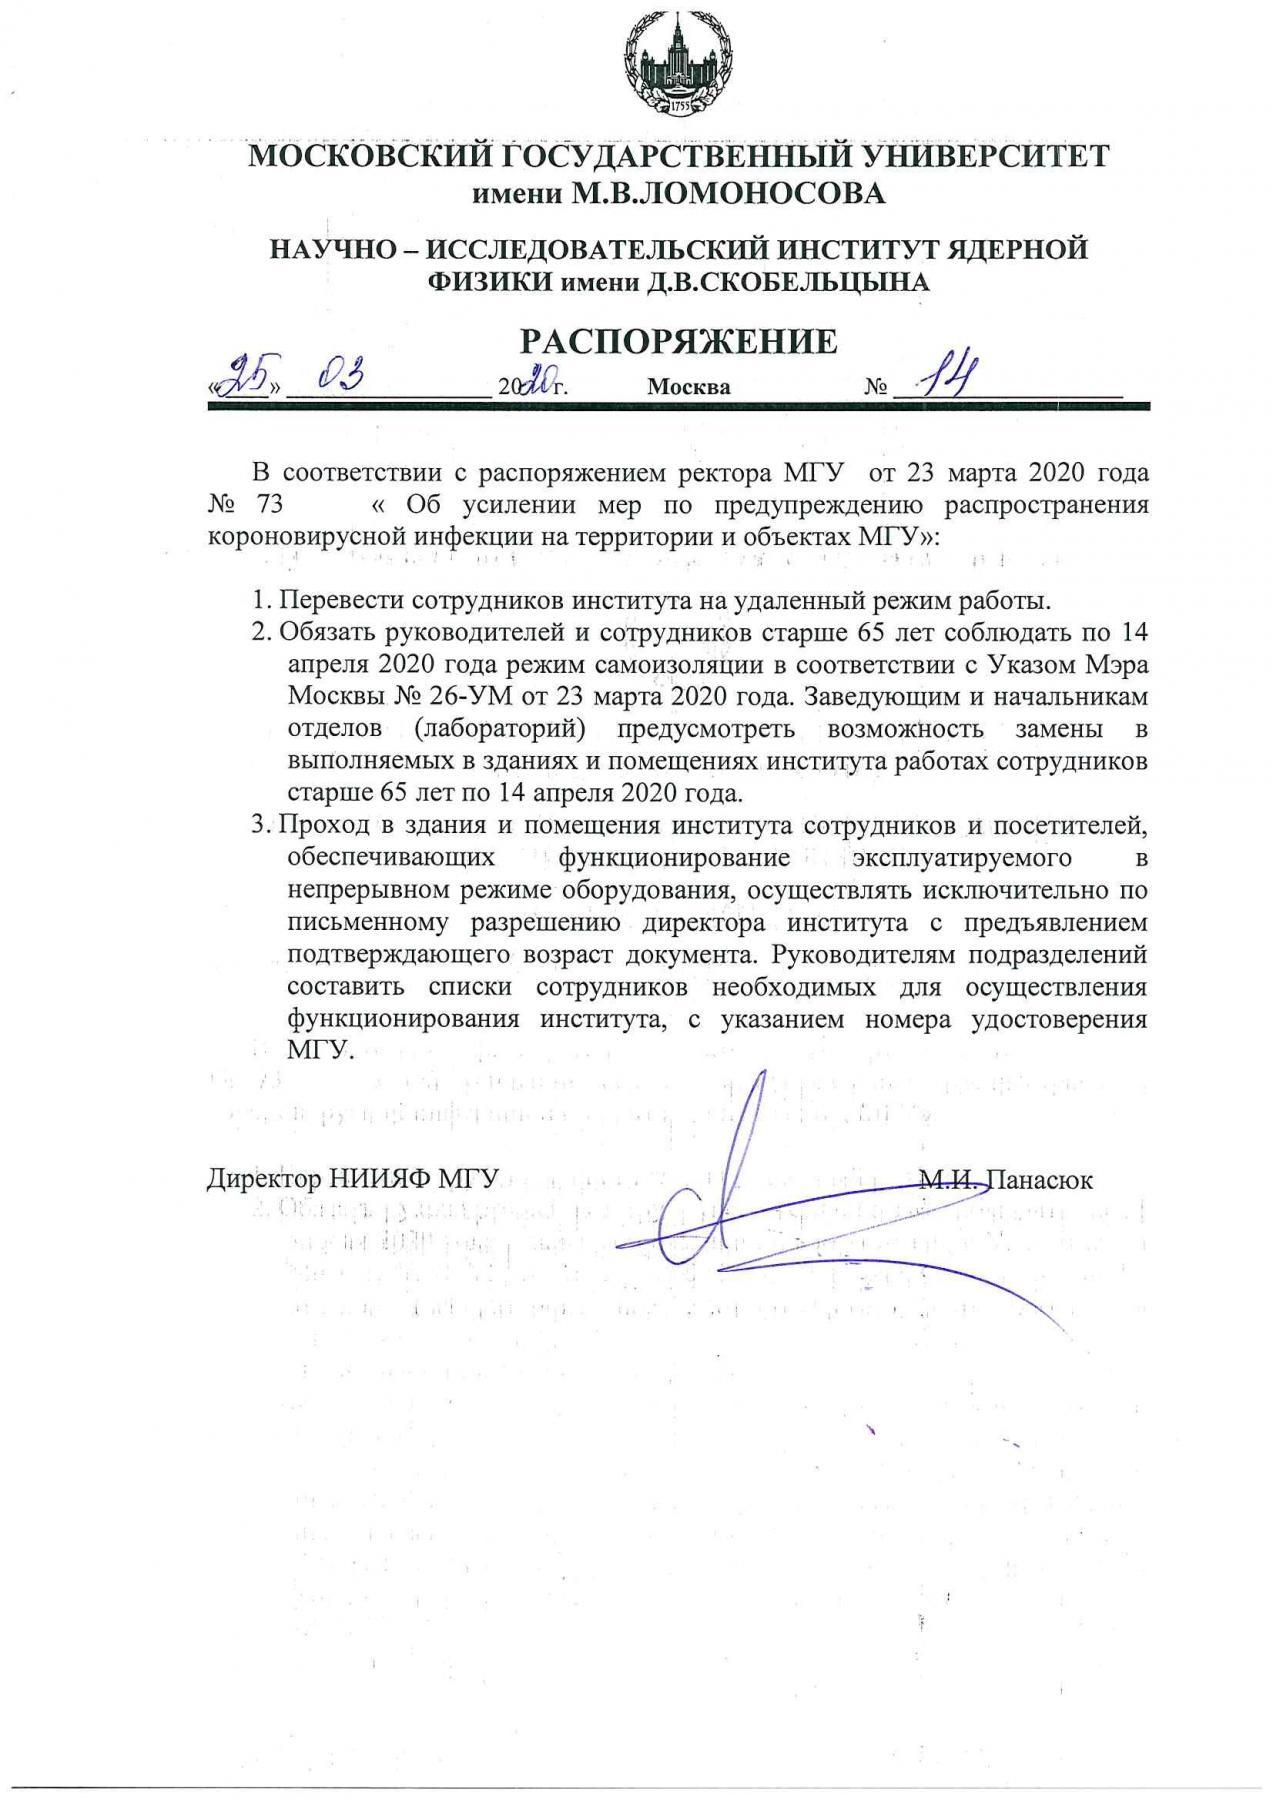 Распоряжение директора НИИЯФ МГУ о переводе сотрудников на дистанционн...